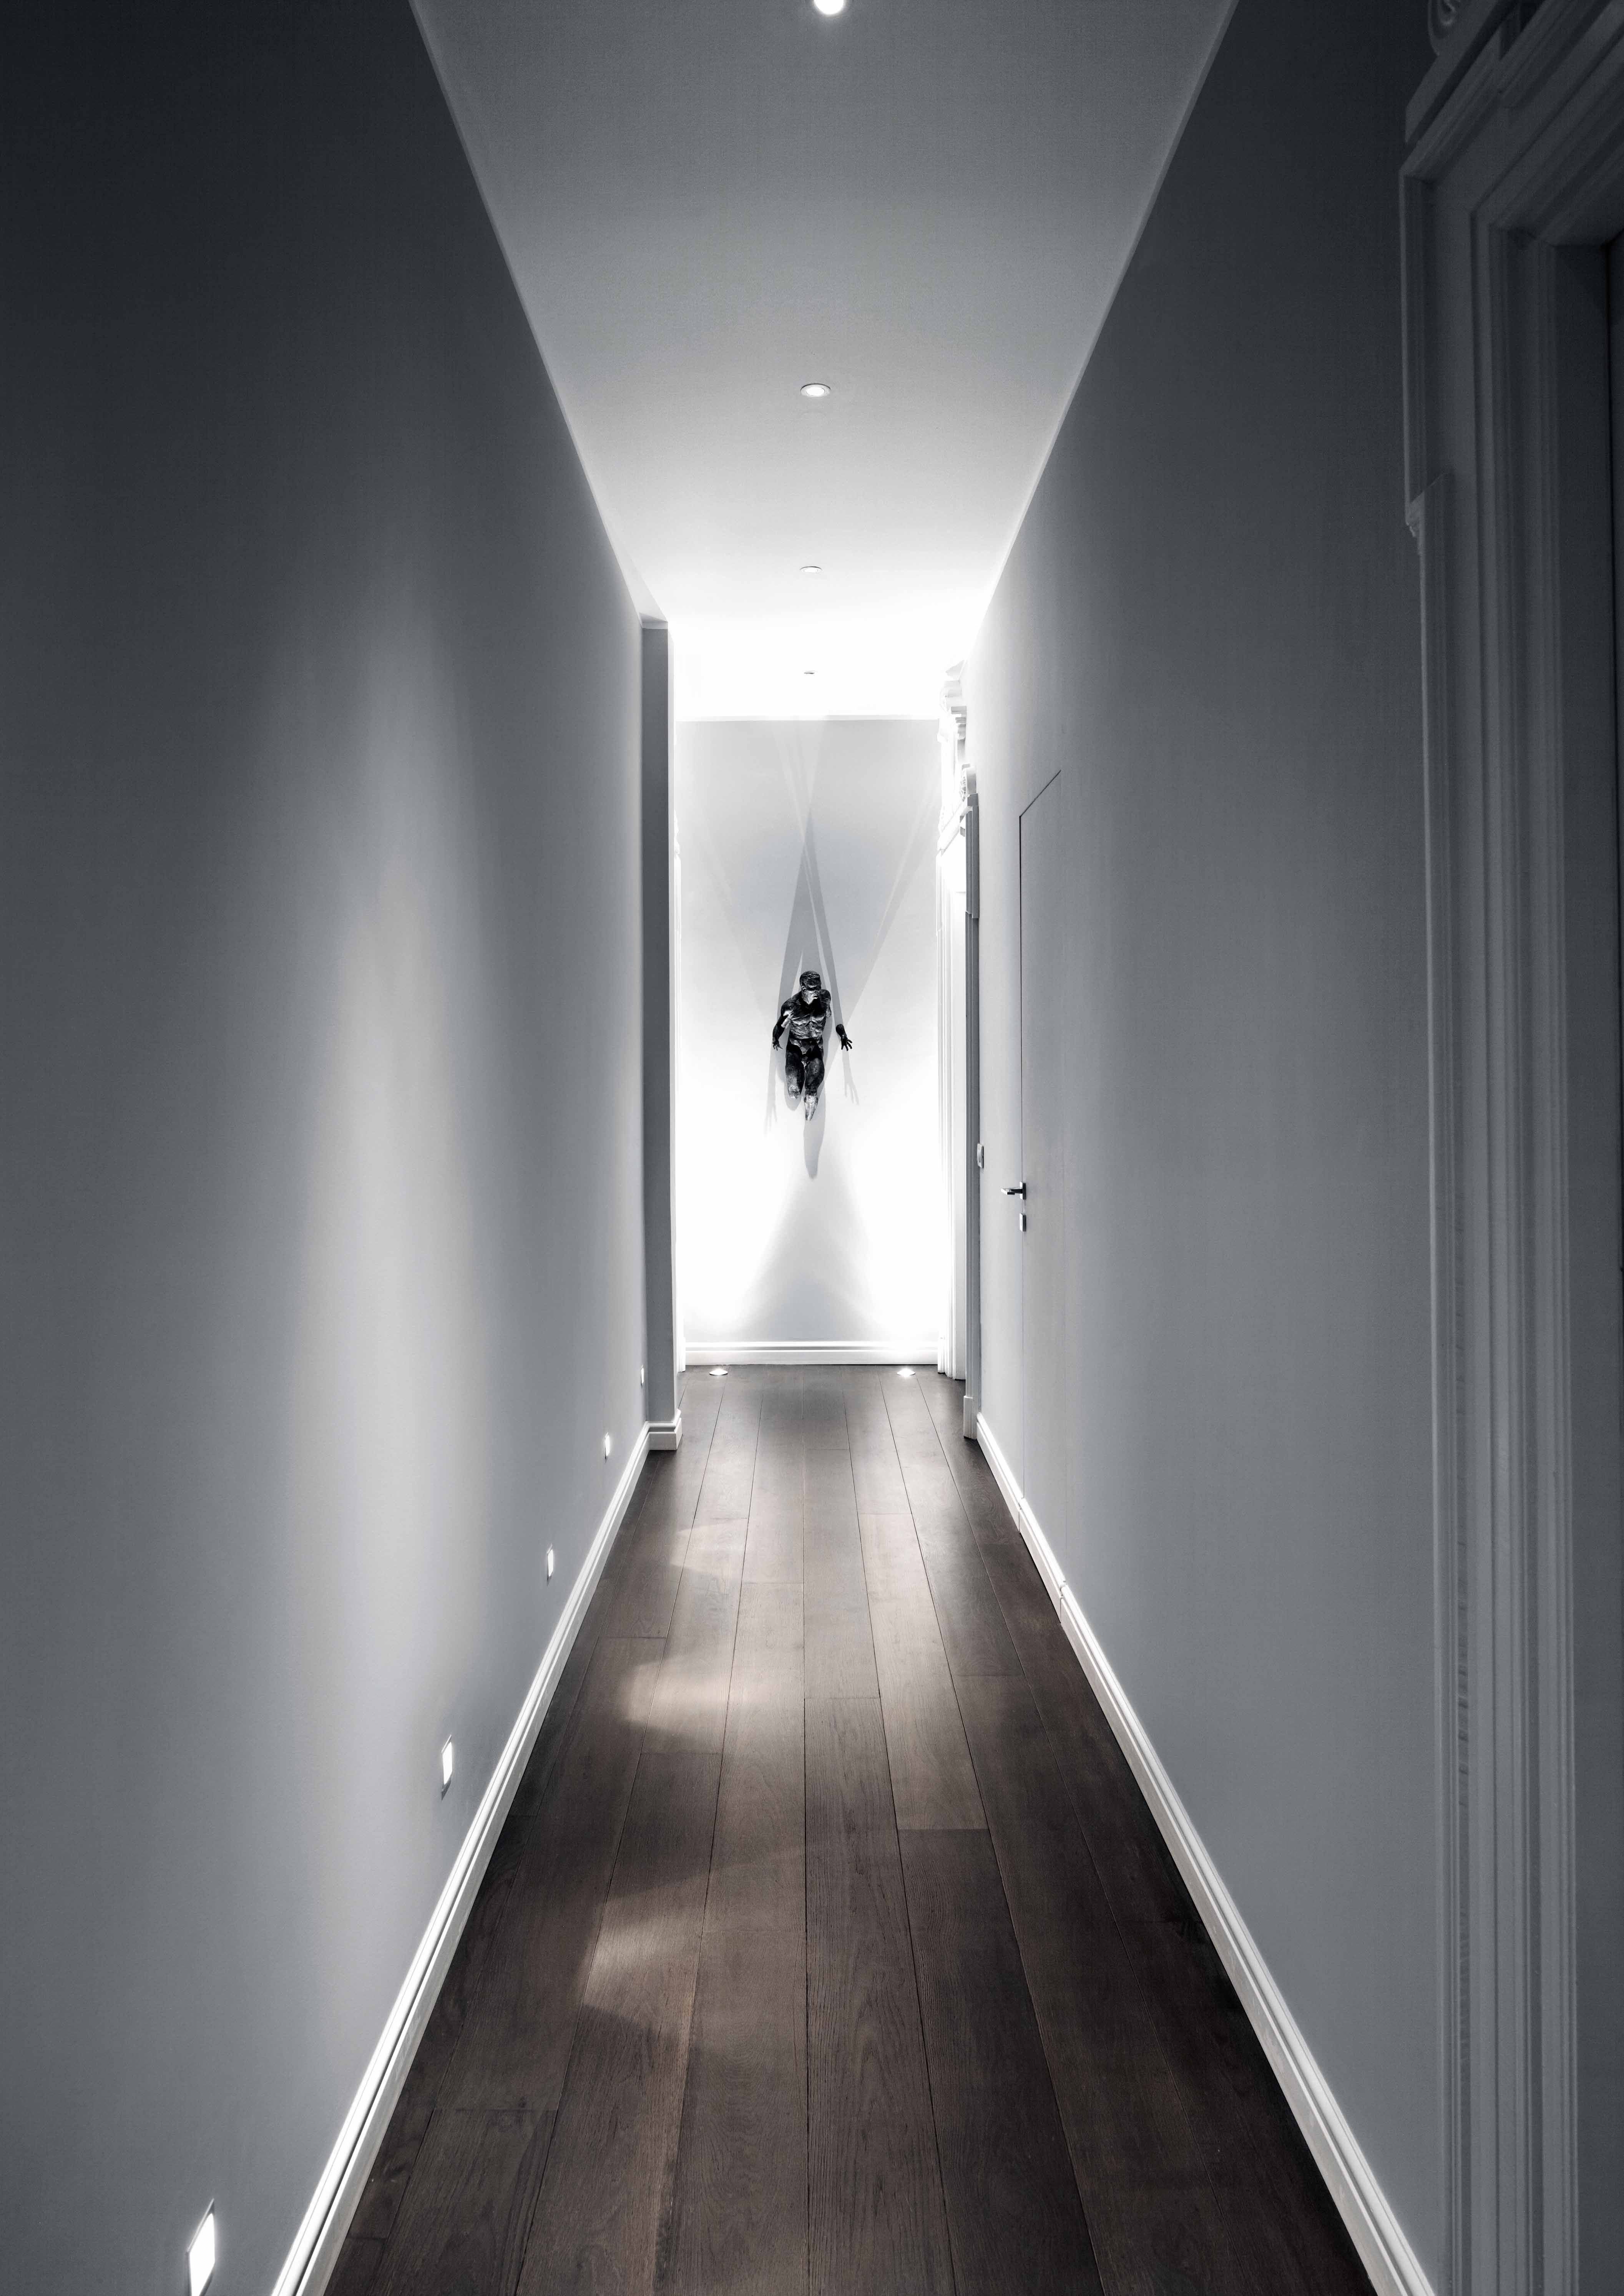 Lighting Basement Washroom Stairs: John_cullen_corridors_stairs_lighting-113